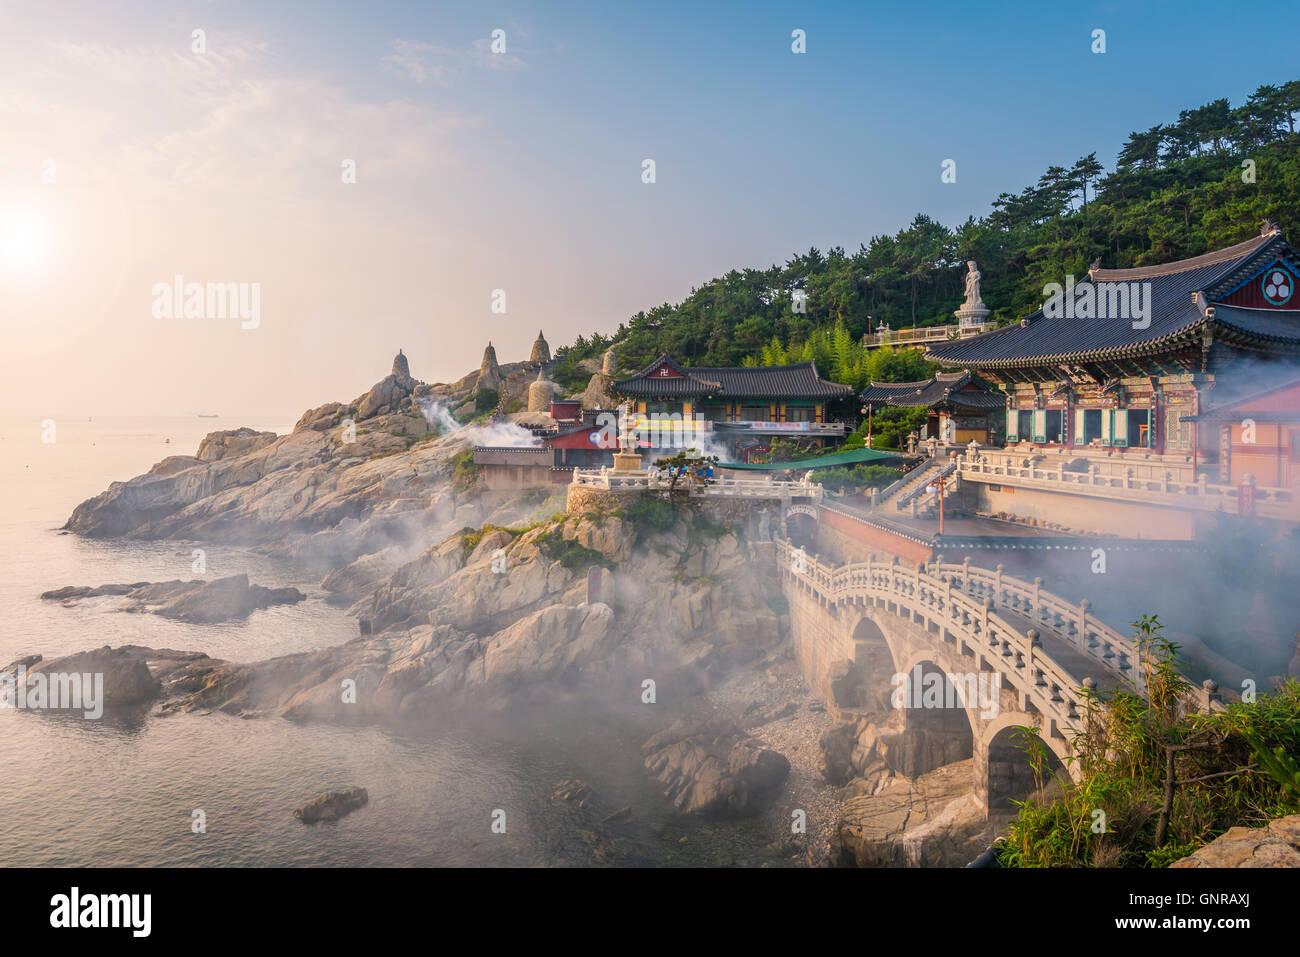 Haedong Yonggungsa Templo en Busan, Corea del Sur. Imagen De Stock